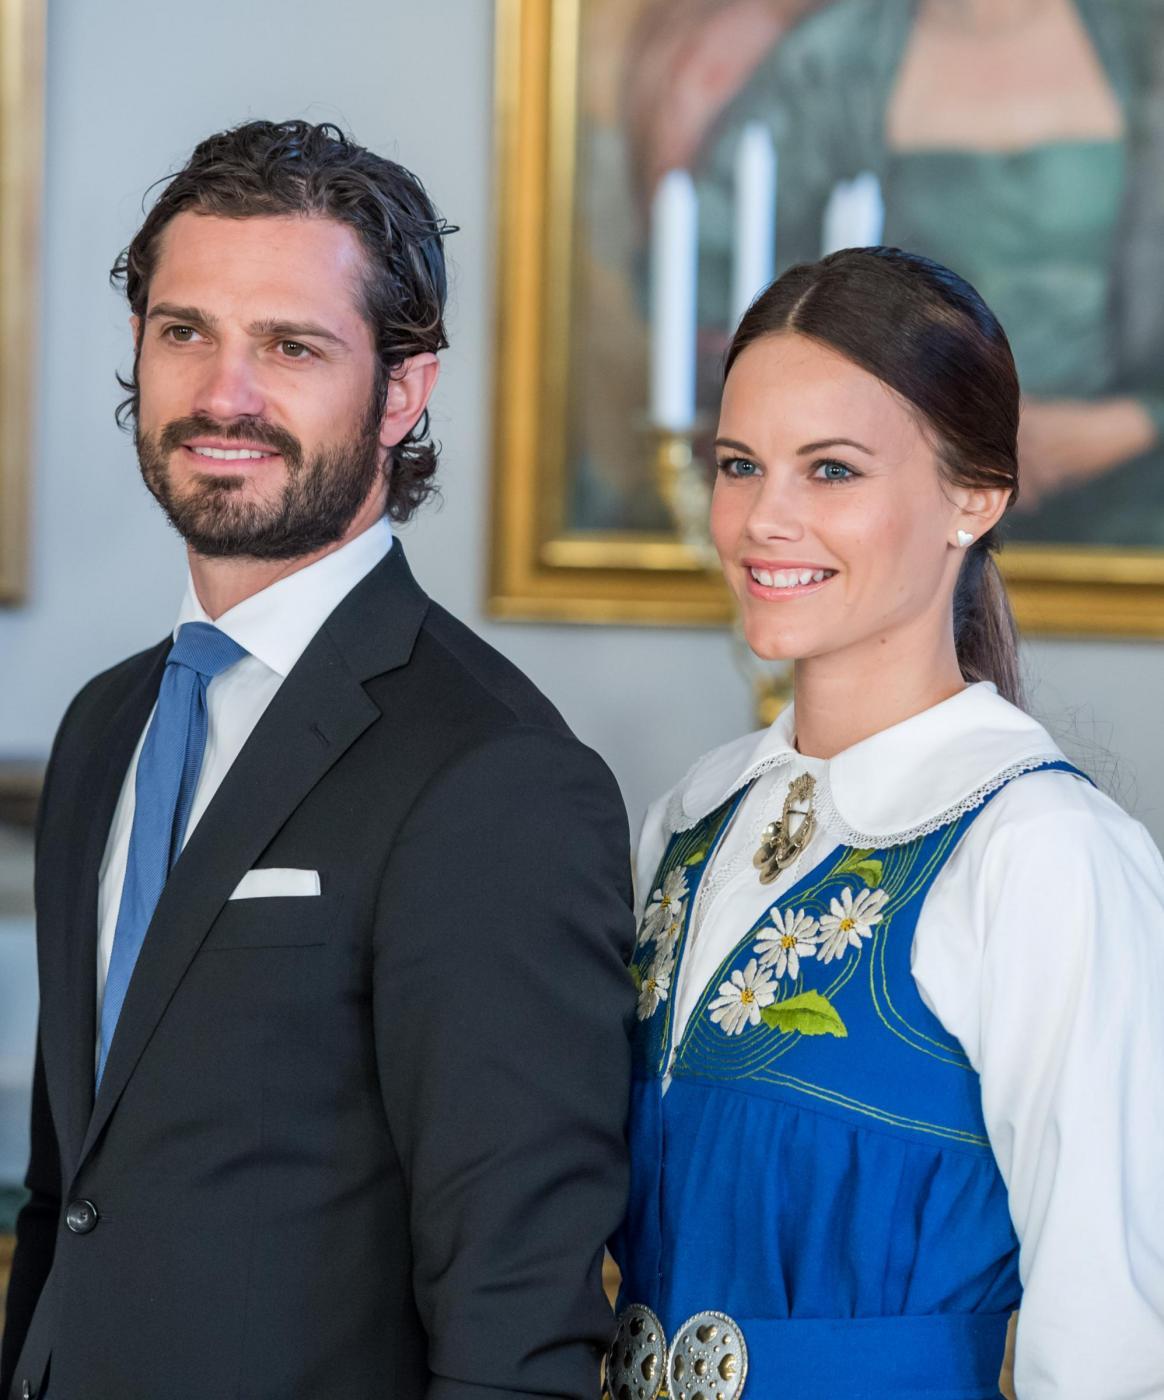 Sofia Hellqvist: chi è la donna che sposa Carlo Filippo di Svezia FOTO 17